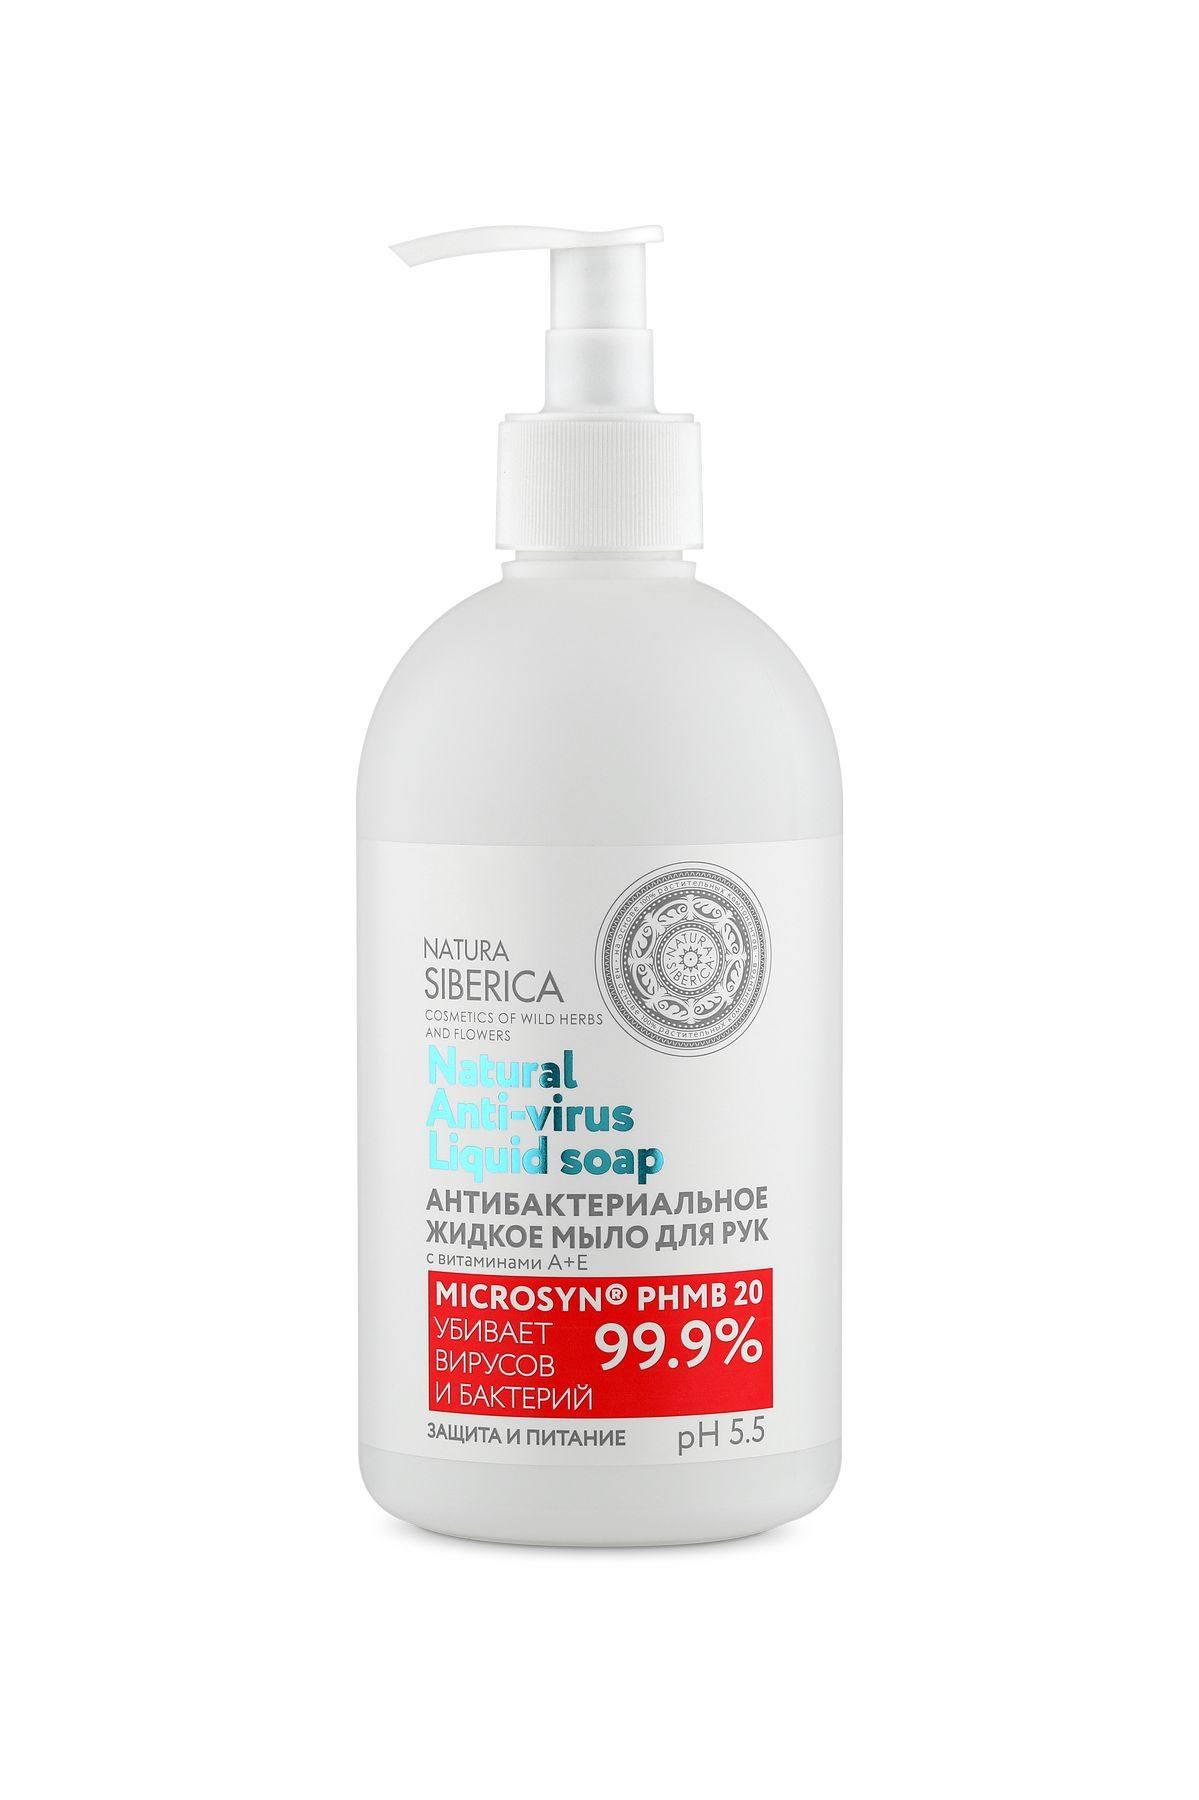 Купить Natura Siberica Антибактериальное Жидкое мыло для рук Защита и питание , 500 мл (shop: Organic-shops Organic shops)